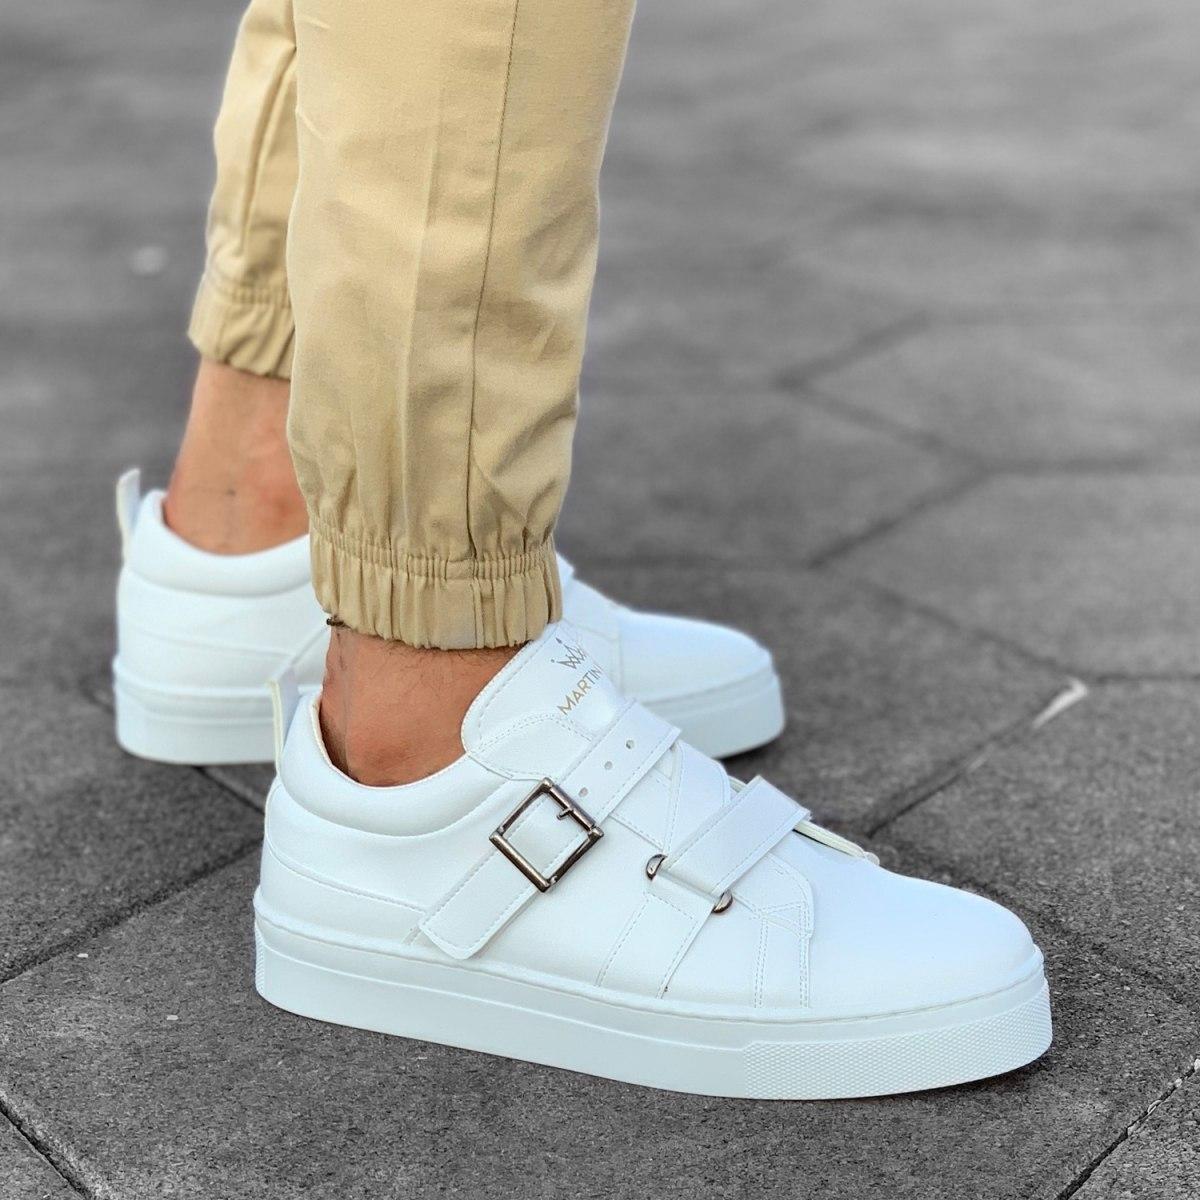 MV Sneaker in Weiß mit...